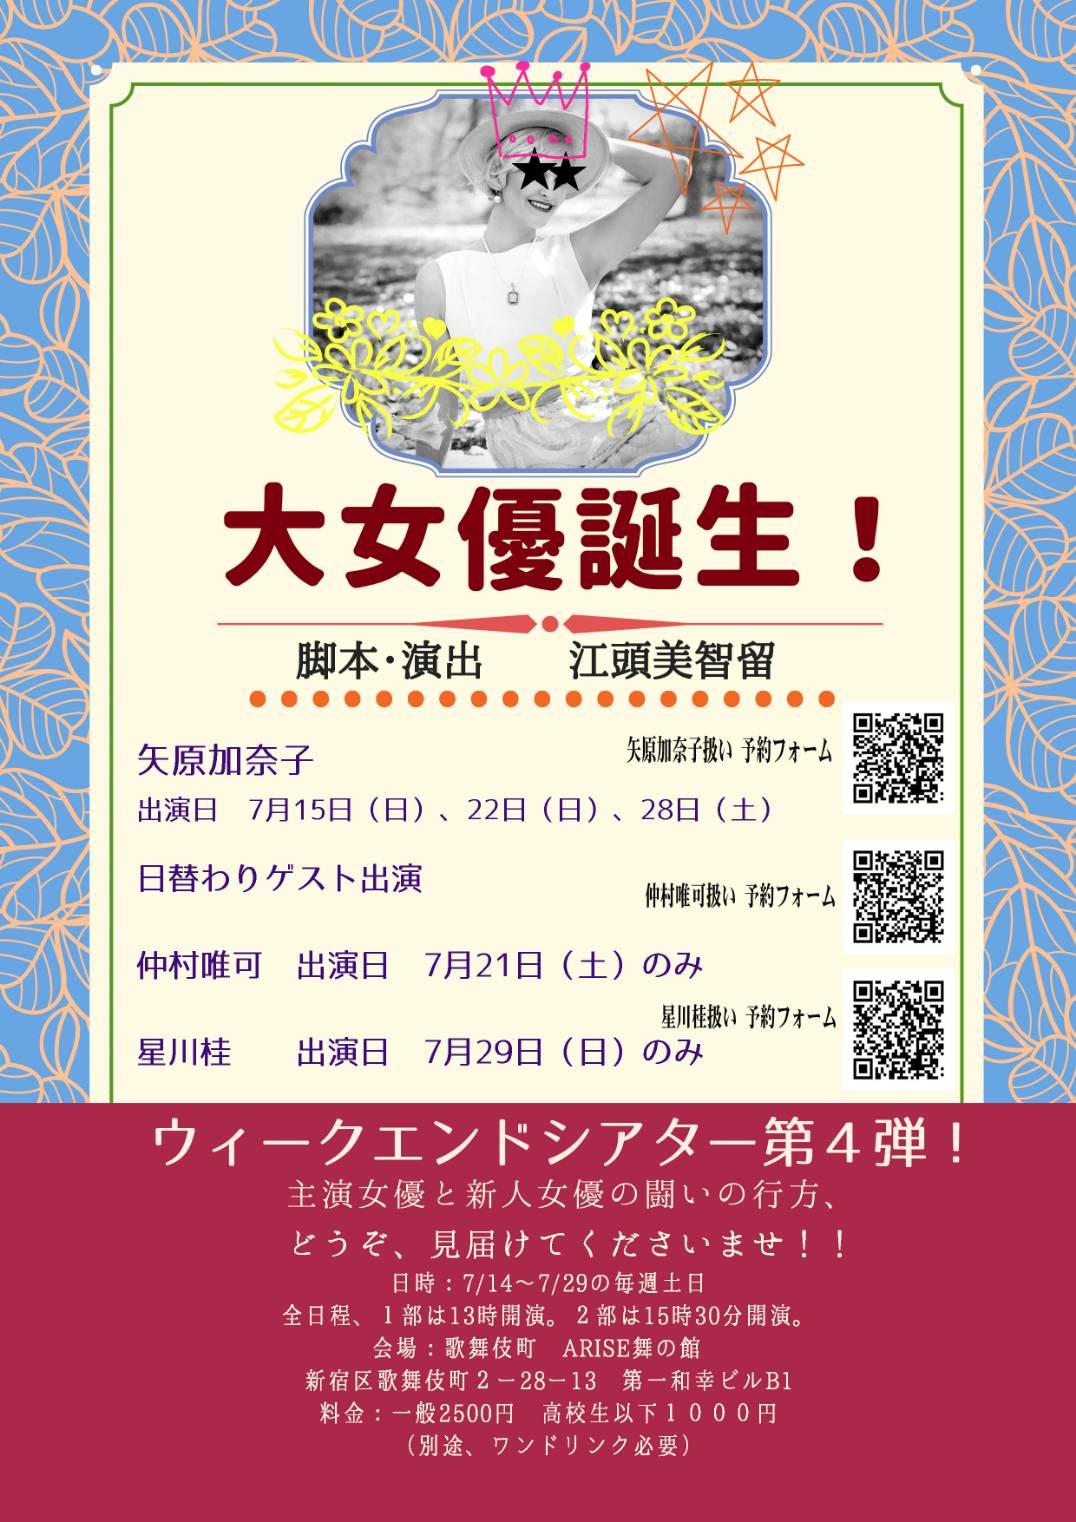 【矢原加奈子・星川桂・仲村唯可出演】舞台「大女優誕生!」情報